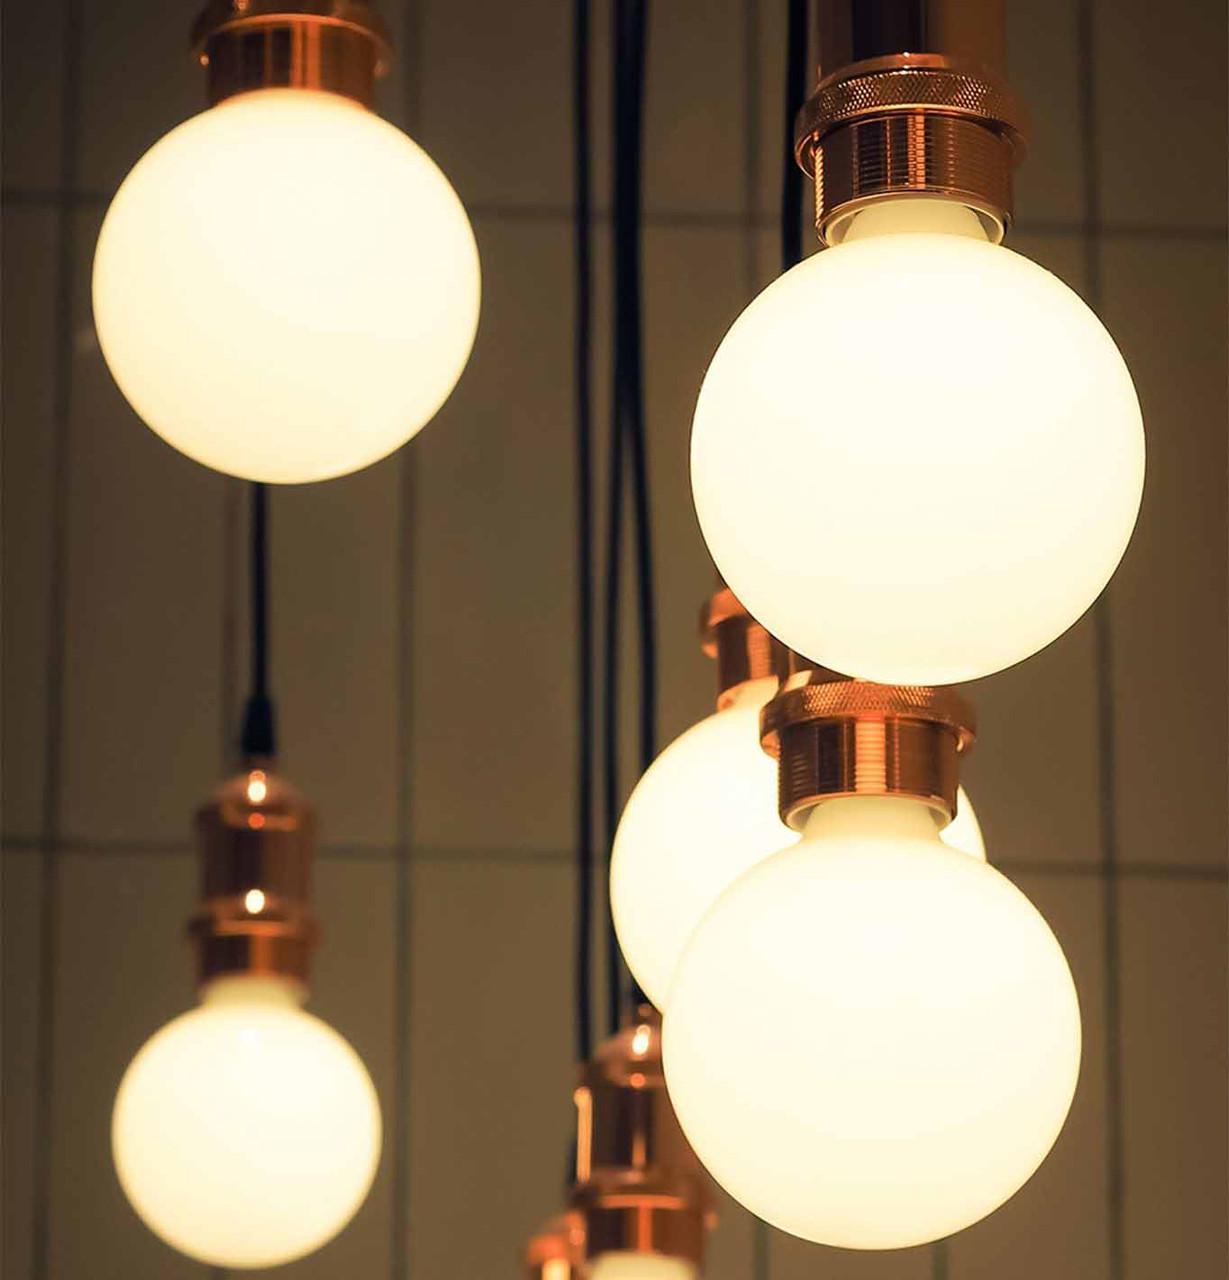 LED Globe Vintage Light Bulbs